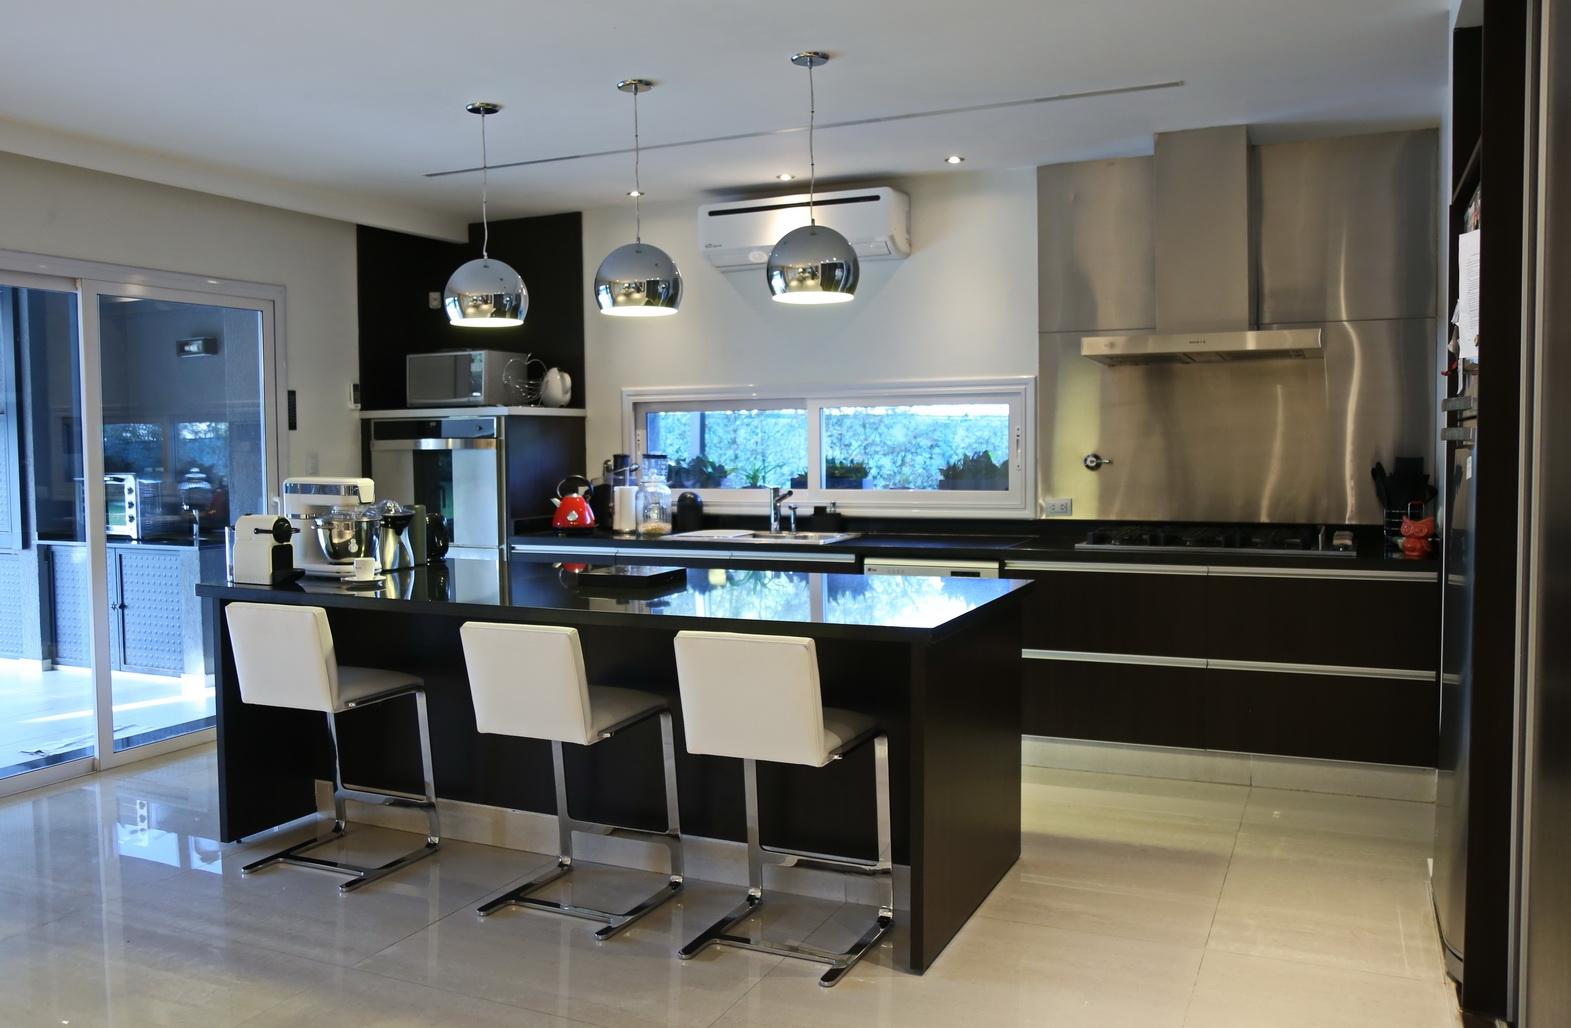 Revista estilo propio arquitectura y dise o arte y for Decoracion living comedor con cocina integrada